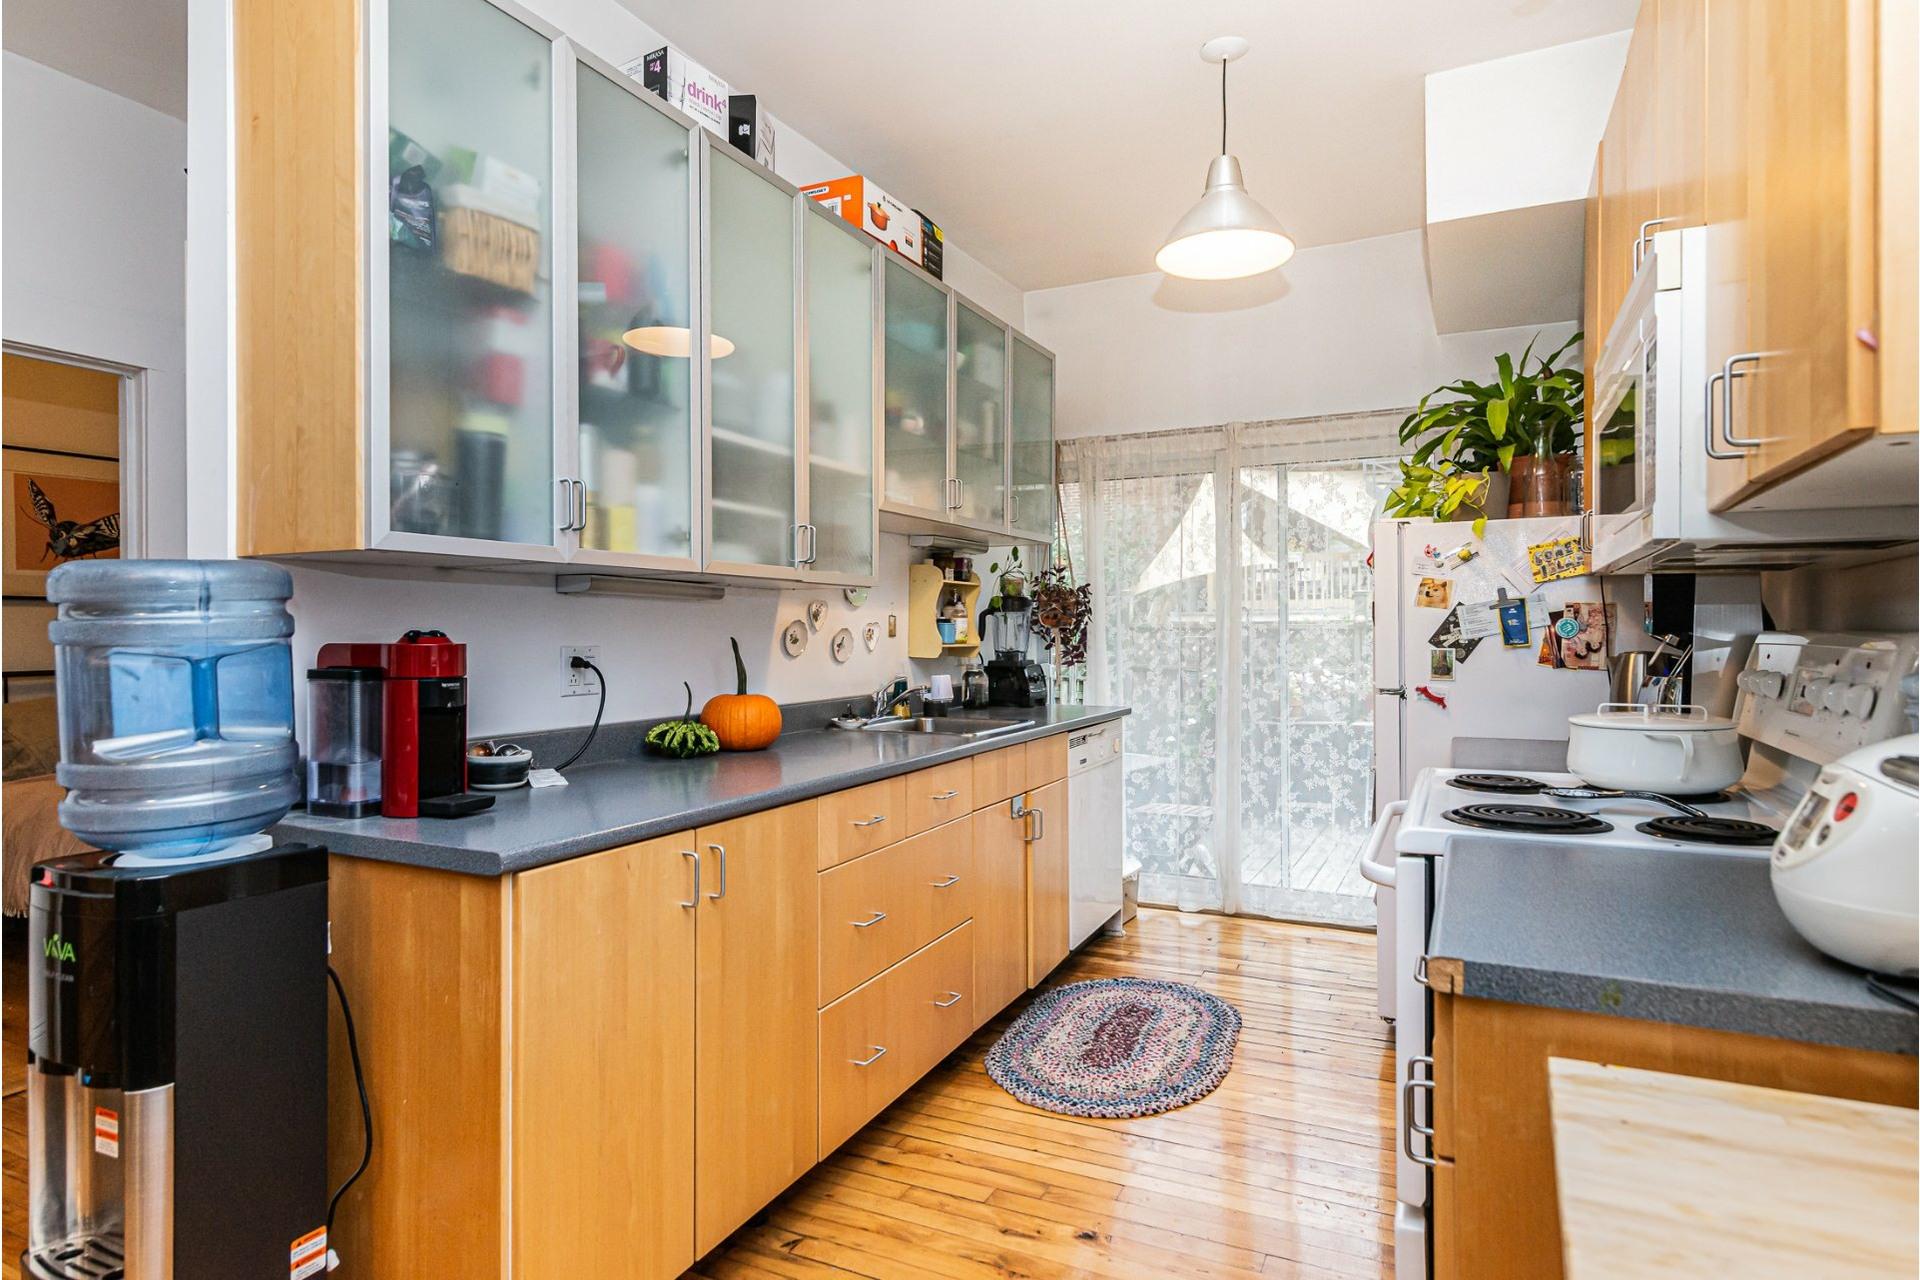 image 8 - Duplex À vendre Côte-des-Neiges/Notre-Dame-de-Grâce Montréal  - 5 pièces